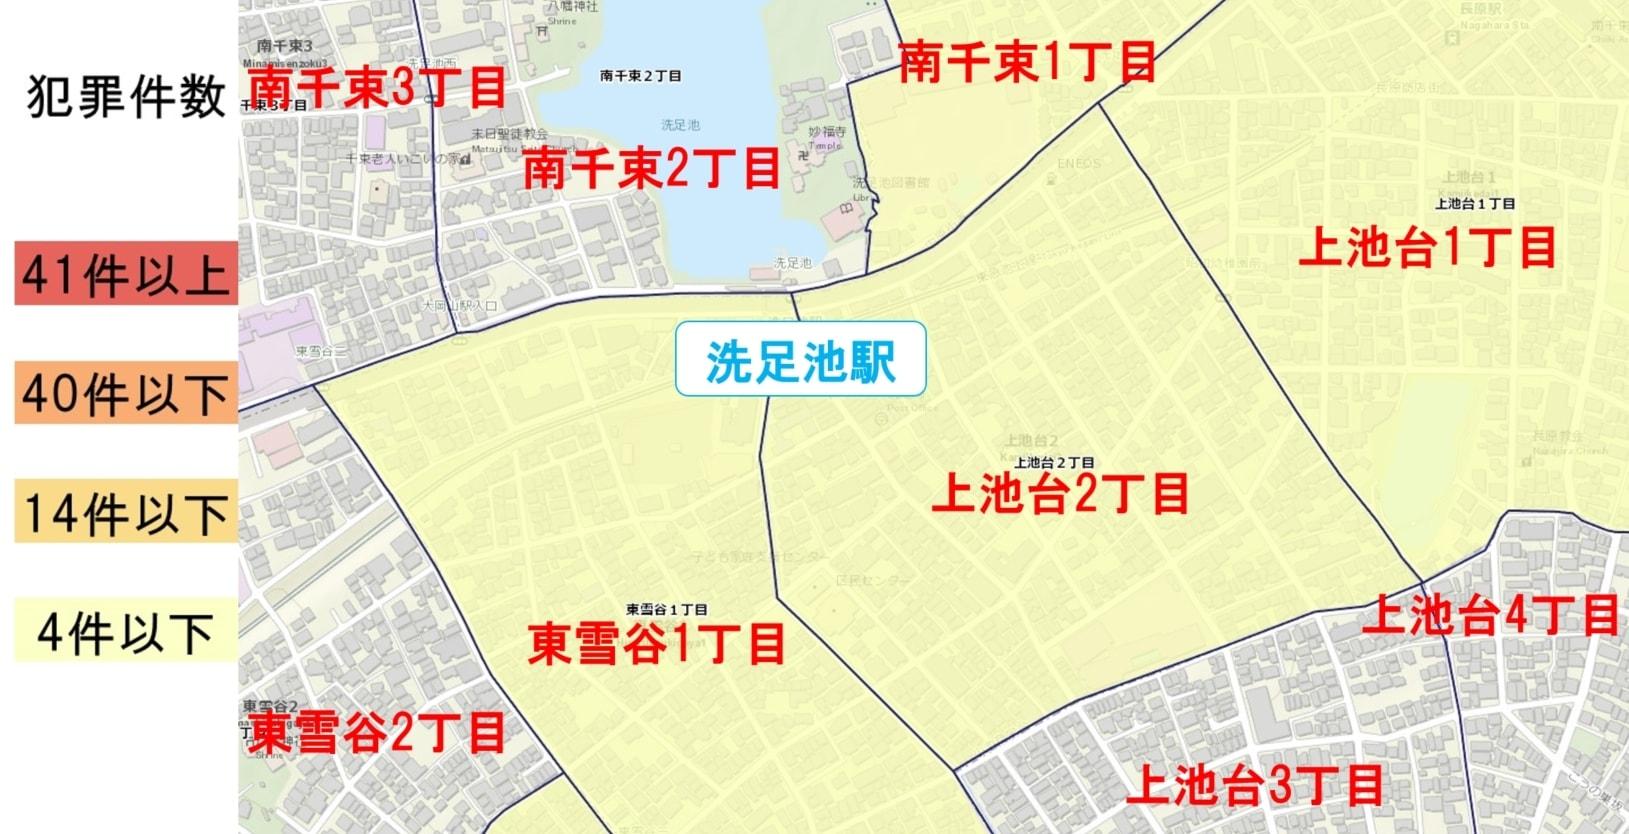 洗足池駅周辺の粗暴犯の犯罪件数マップ